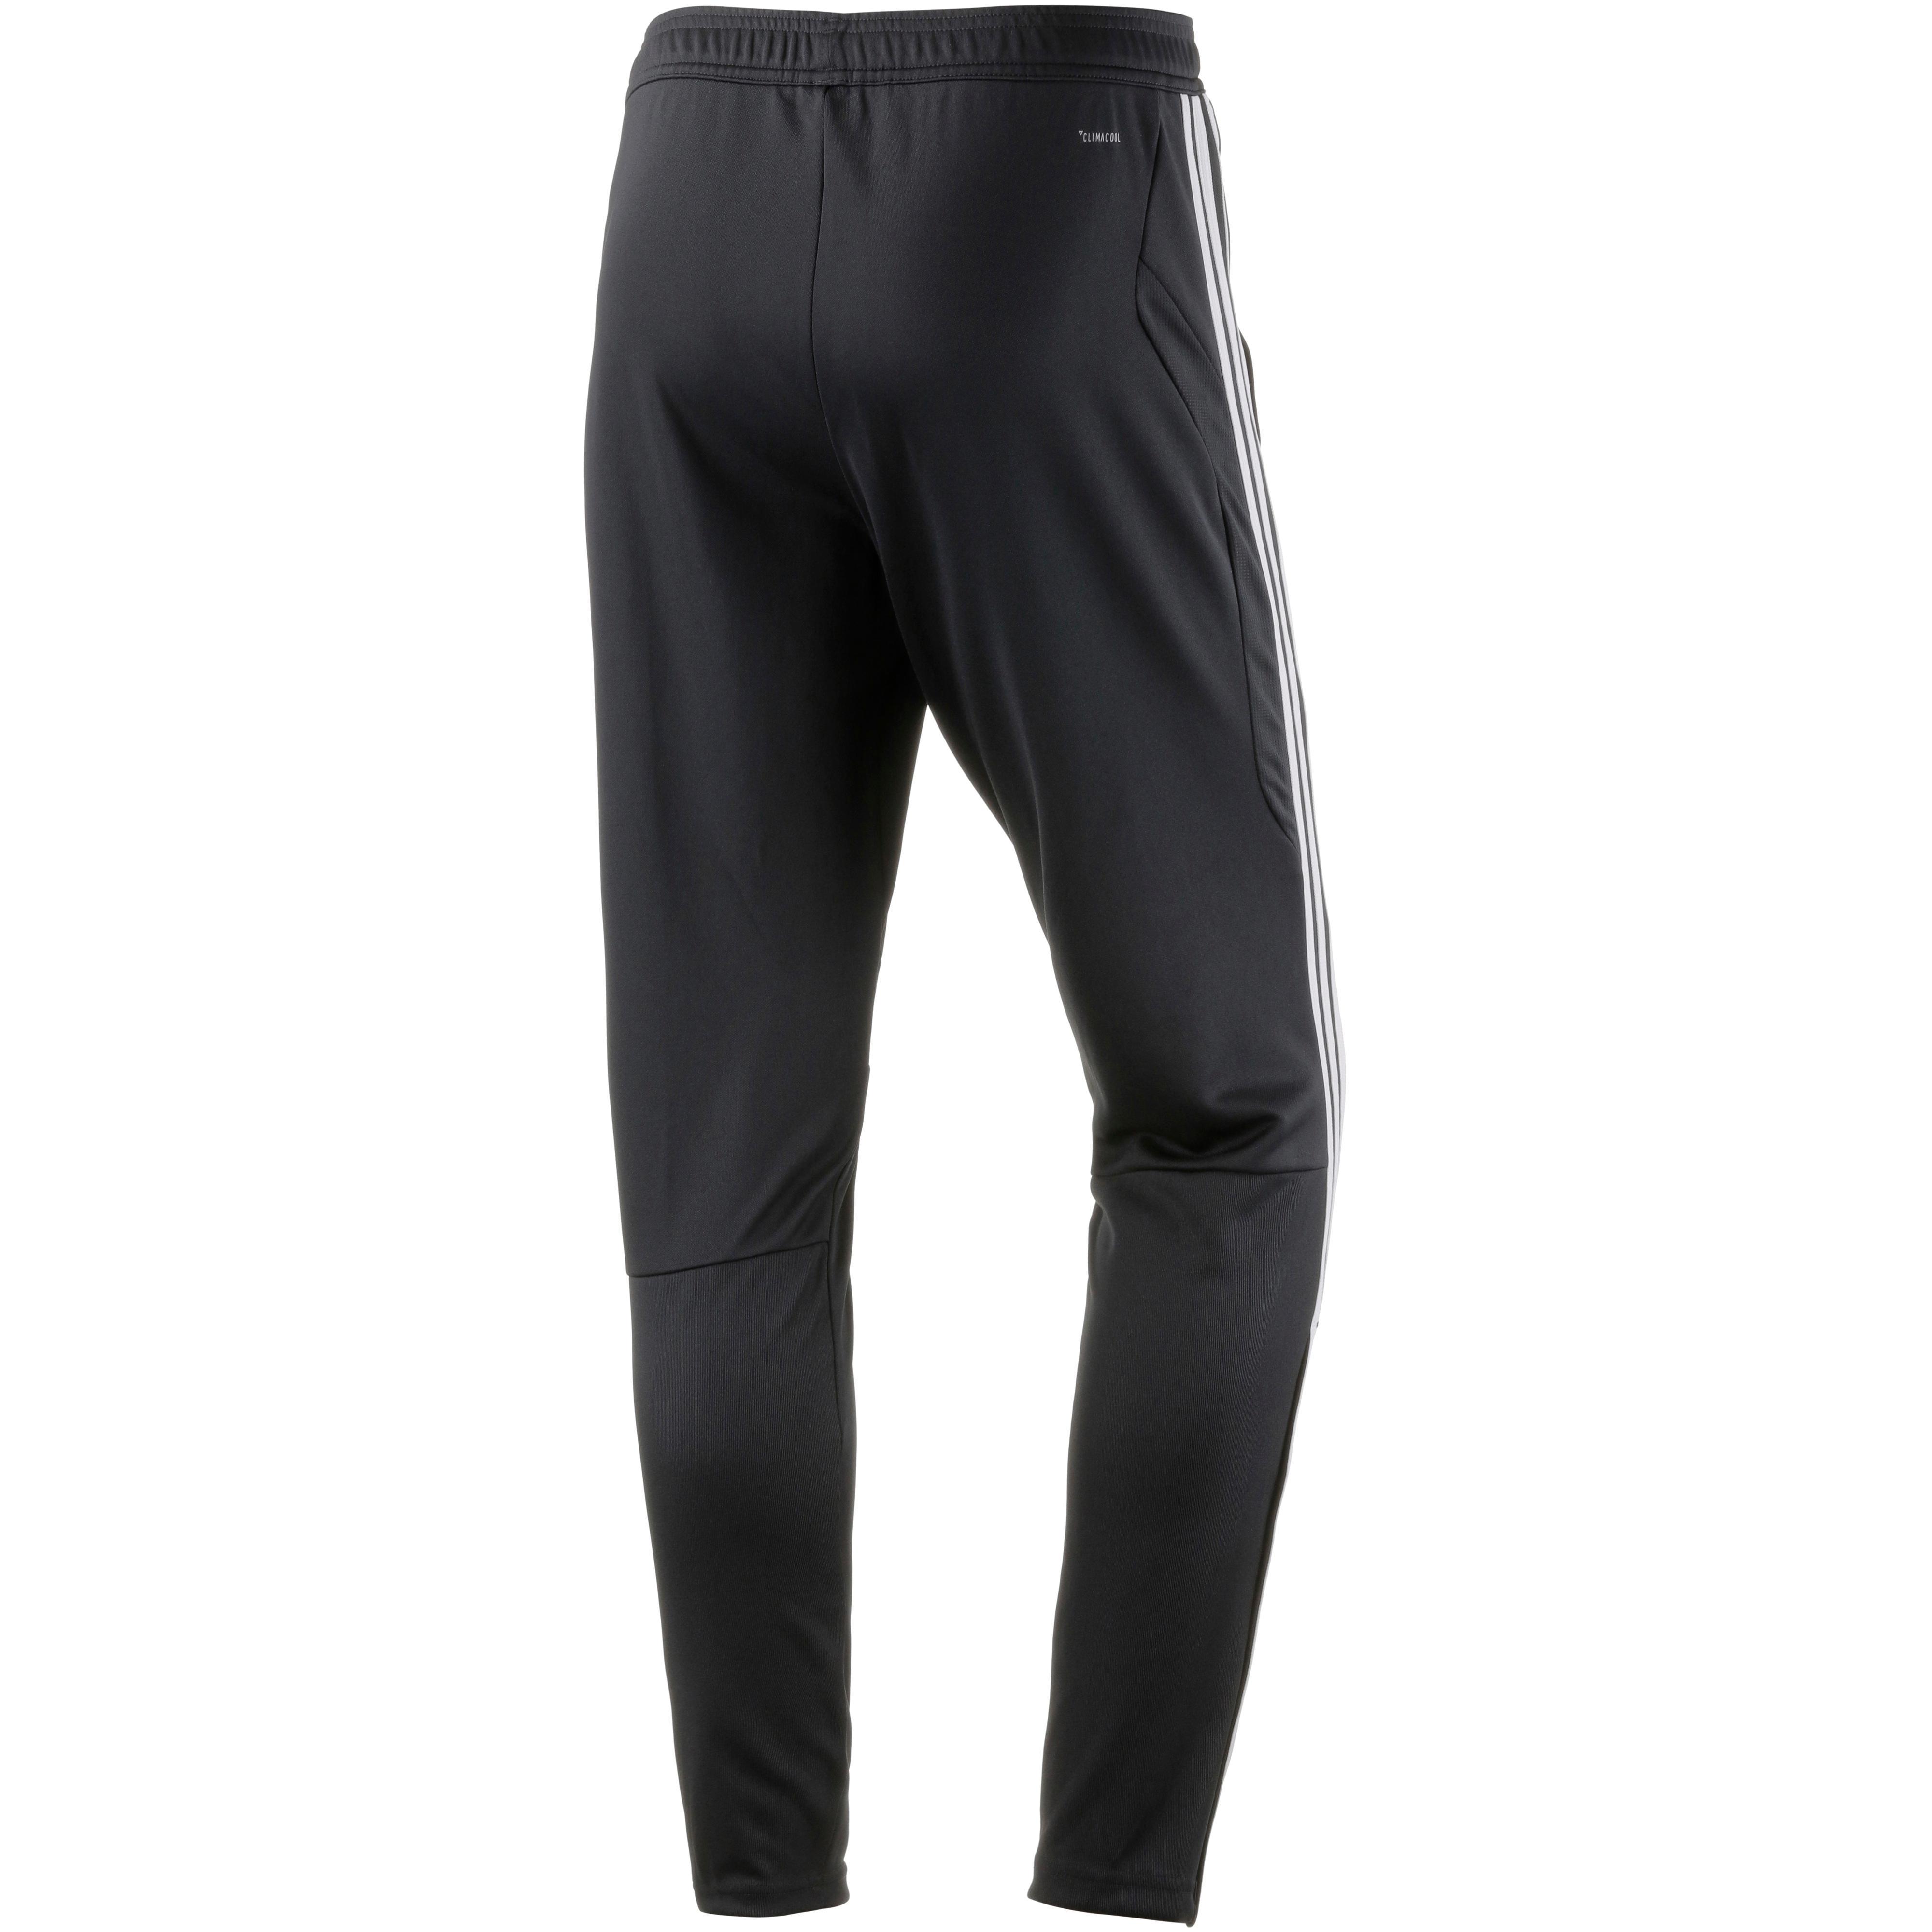 adidas Tiro 19 Trainingshose Herren black im Online Shop von SportScheck kaufen